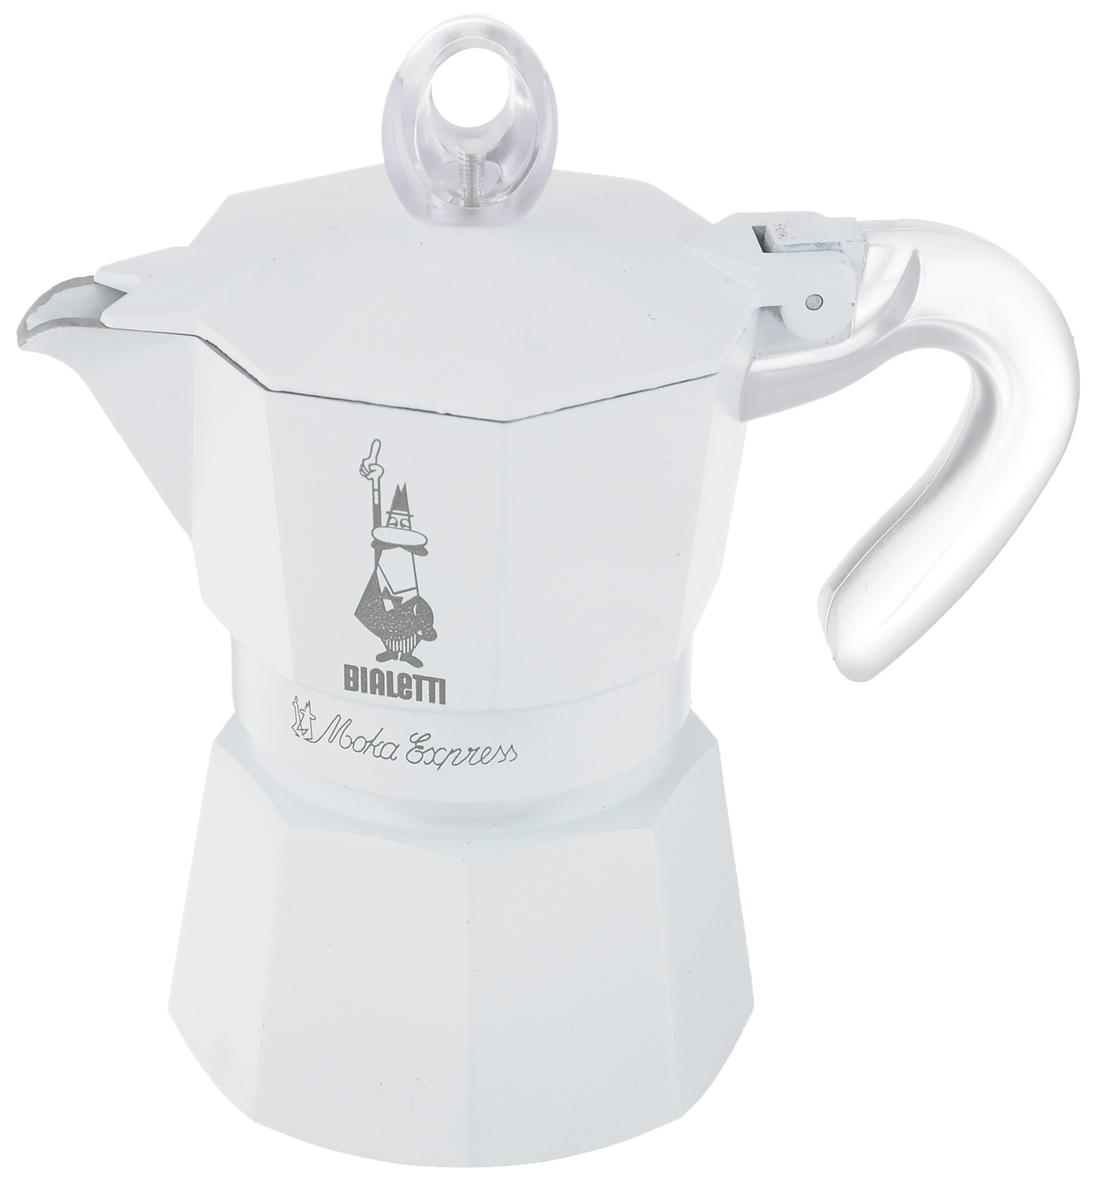 Кофеварка гейзерная Bialetti Moka Glossy, цвет: белый, на 3 чашки3052Компактная гейзерная кофеварка Bialetti Moka Glossy изготовлена из высококачественного алюминия. Объема кофе хватает на 3 чашки. Изделие оснащено удобной пластиковой ручкой. Принцип работы такой гейзерной кофеварки - кофе заваривается путем многократного прохождения горячей воды или пара через слой молотого кофе. Удобство кофеварки в том, что вся кофейная гуща остается во внутренней емкости. Гейзерные кофеварки пользуются большой популярностью благодаря изысканному аромату. Кофе получается крепкий и насыщенный. Теперь и дома вы сможете насладиться великолепным эспрессо. Подходит для газовых, электрических и стеклокерамических плит. Нельзя мыть в посудомоечной машине. Высота (с учетом крышки): 17 см.